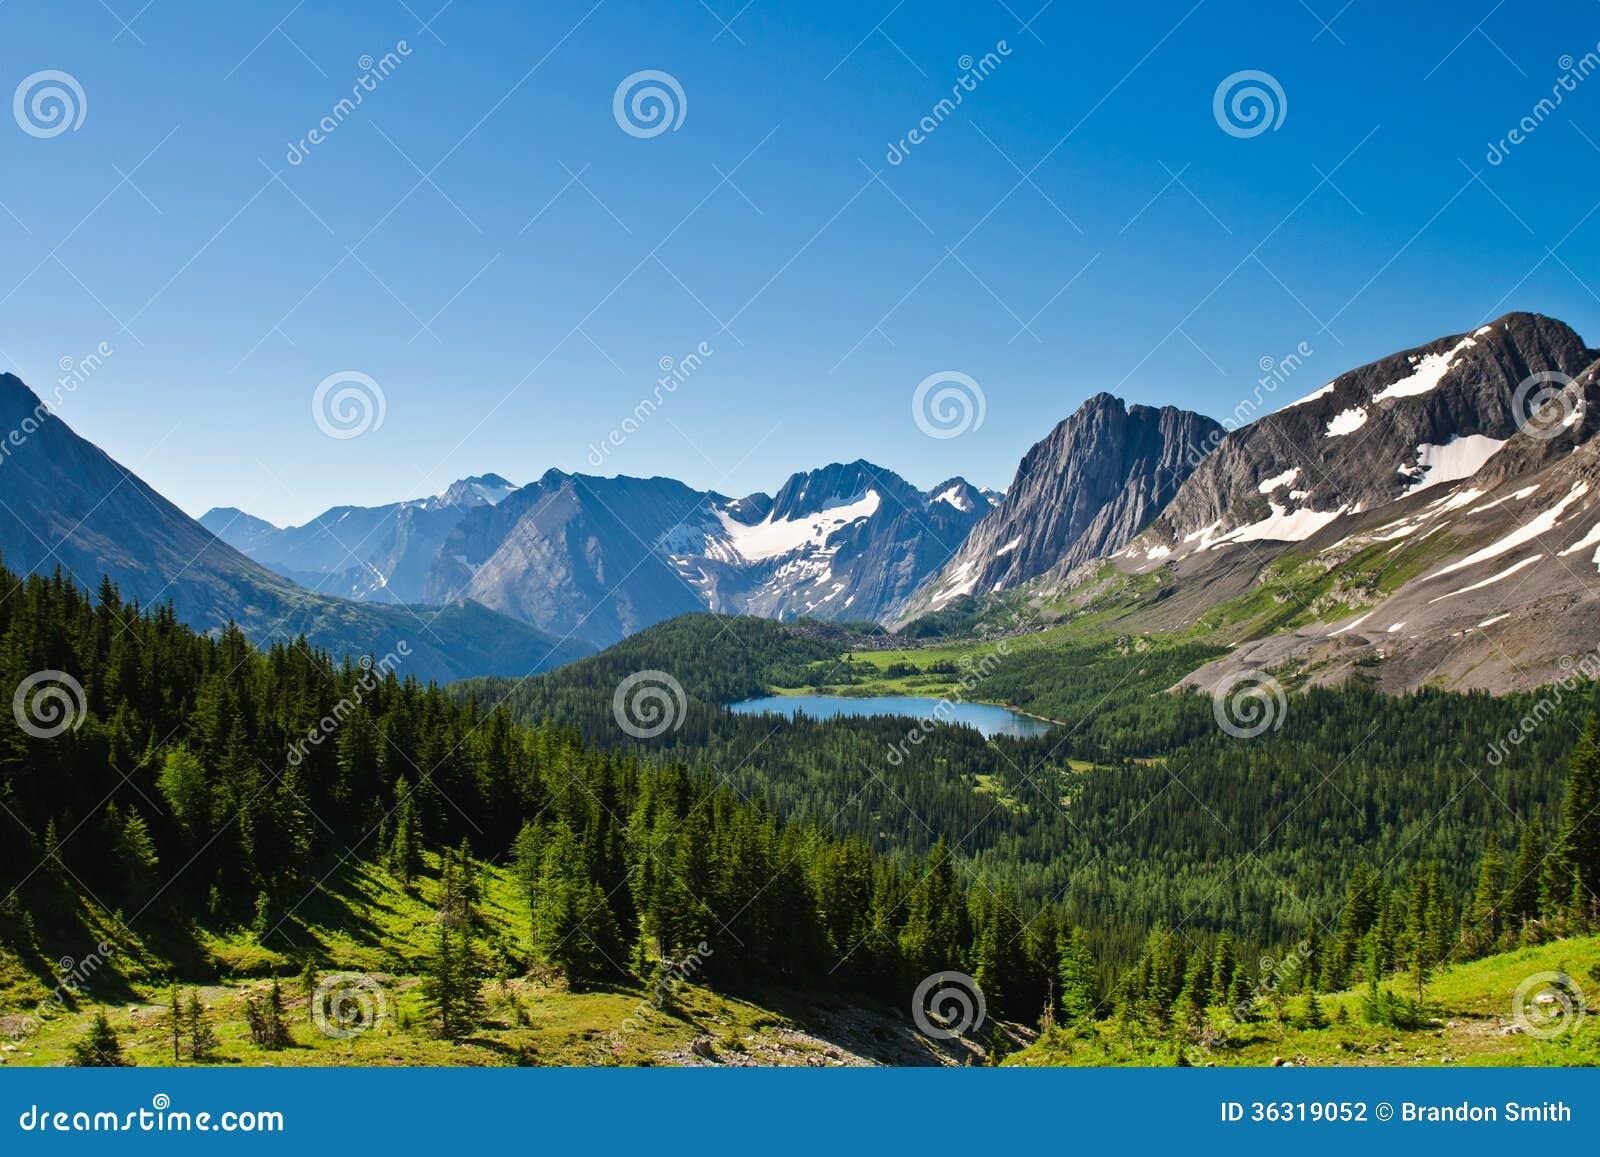 Scenic Mountain Views Kananaskis Country Alberta Canada Stock Photography - I...